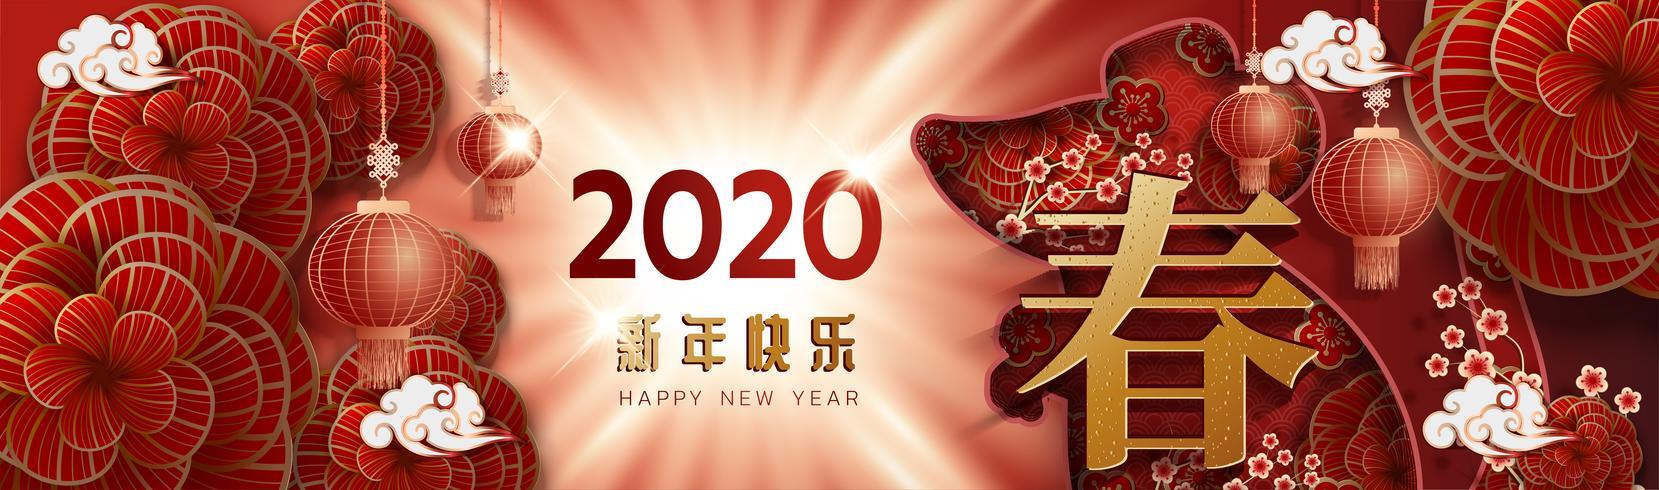 2020 Chinees Nieuwjaar sterrenbeeld wenskaart vector